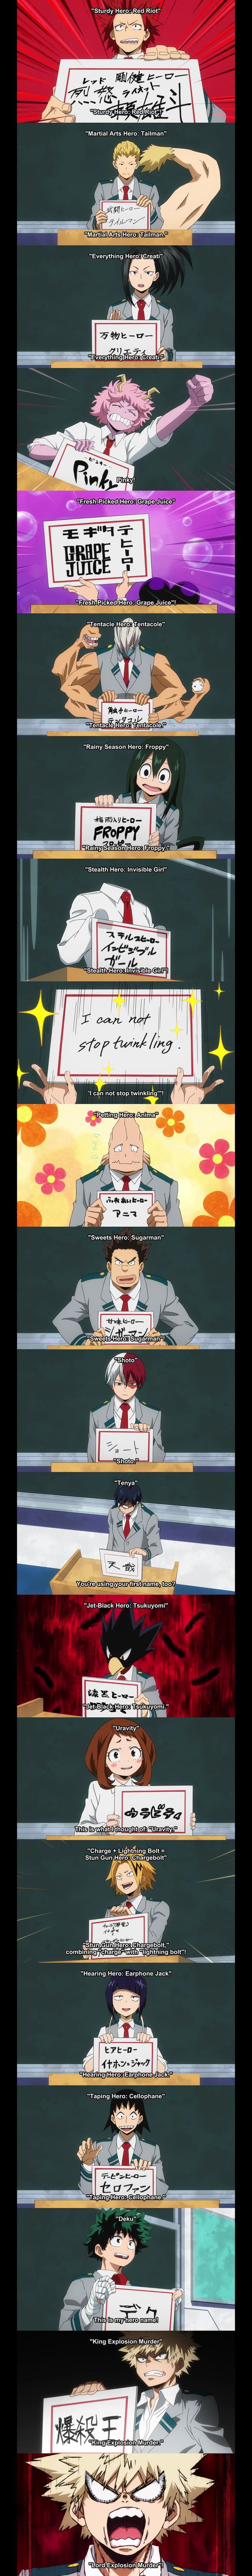 My Hero Academia Class 1 A Hero Names 9gag